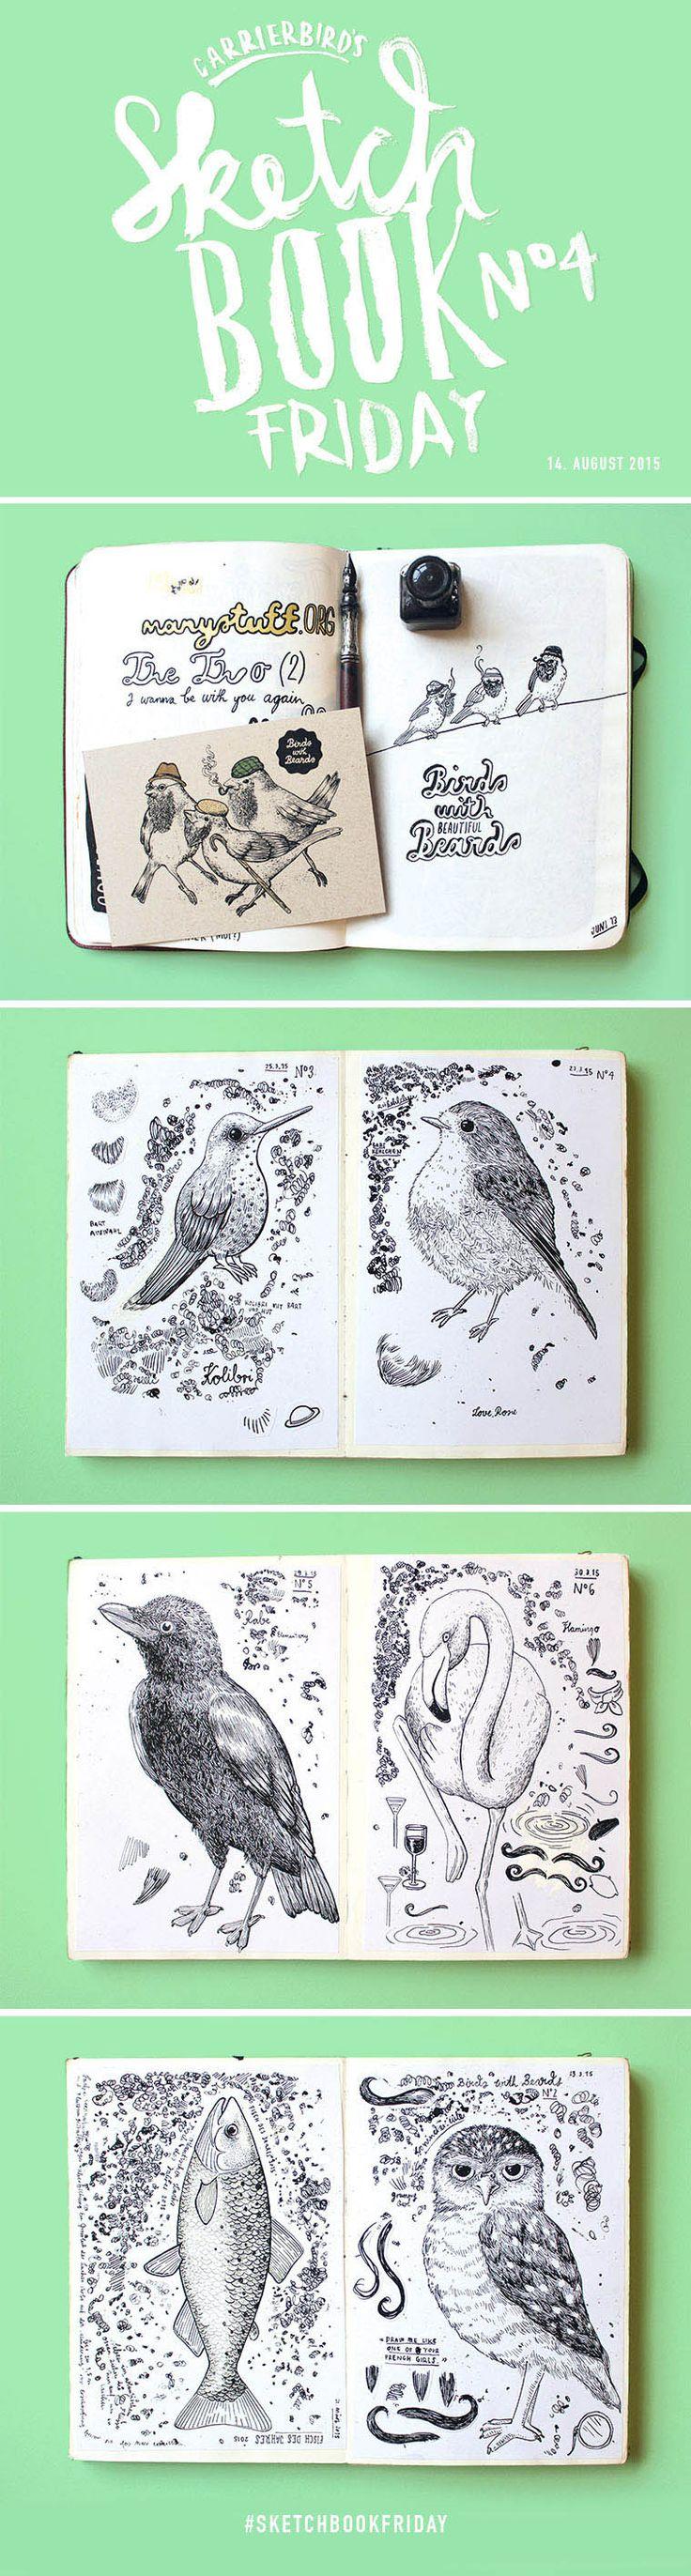 Carrier Bird's Sketchbookfriday No.04